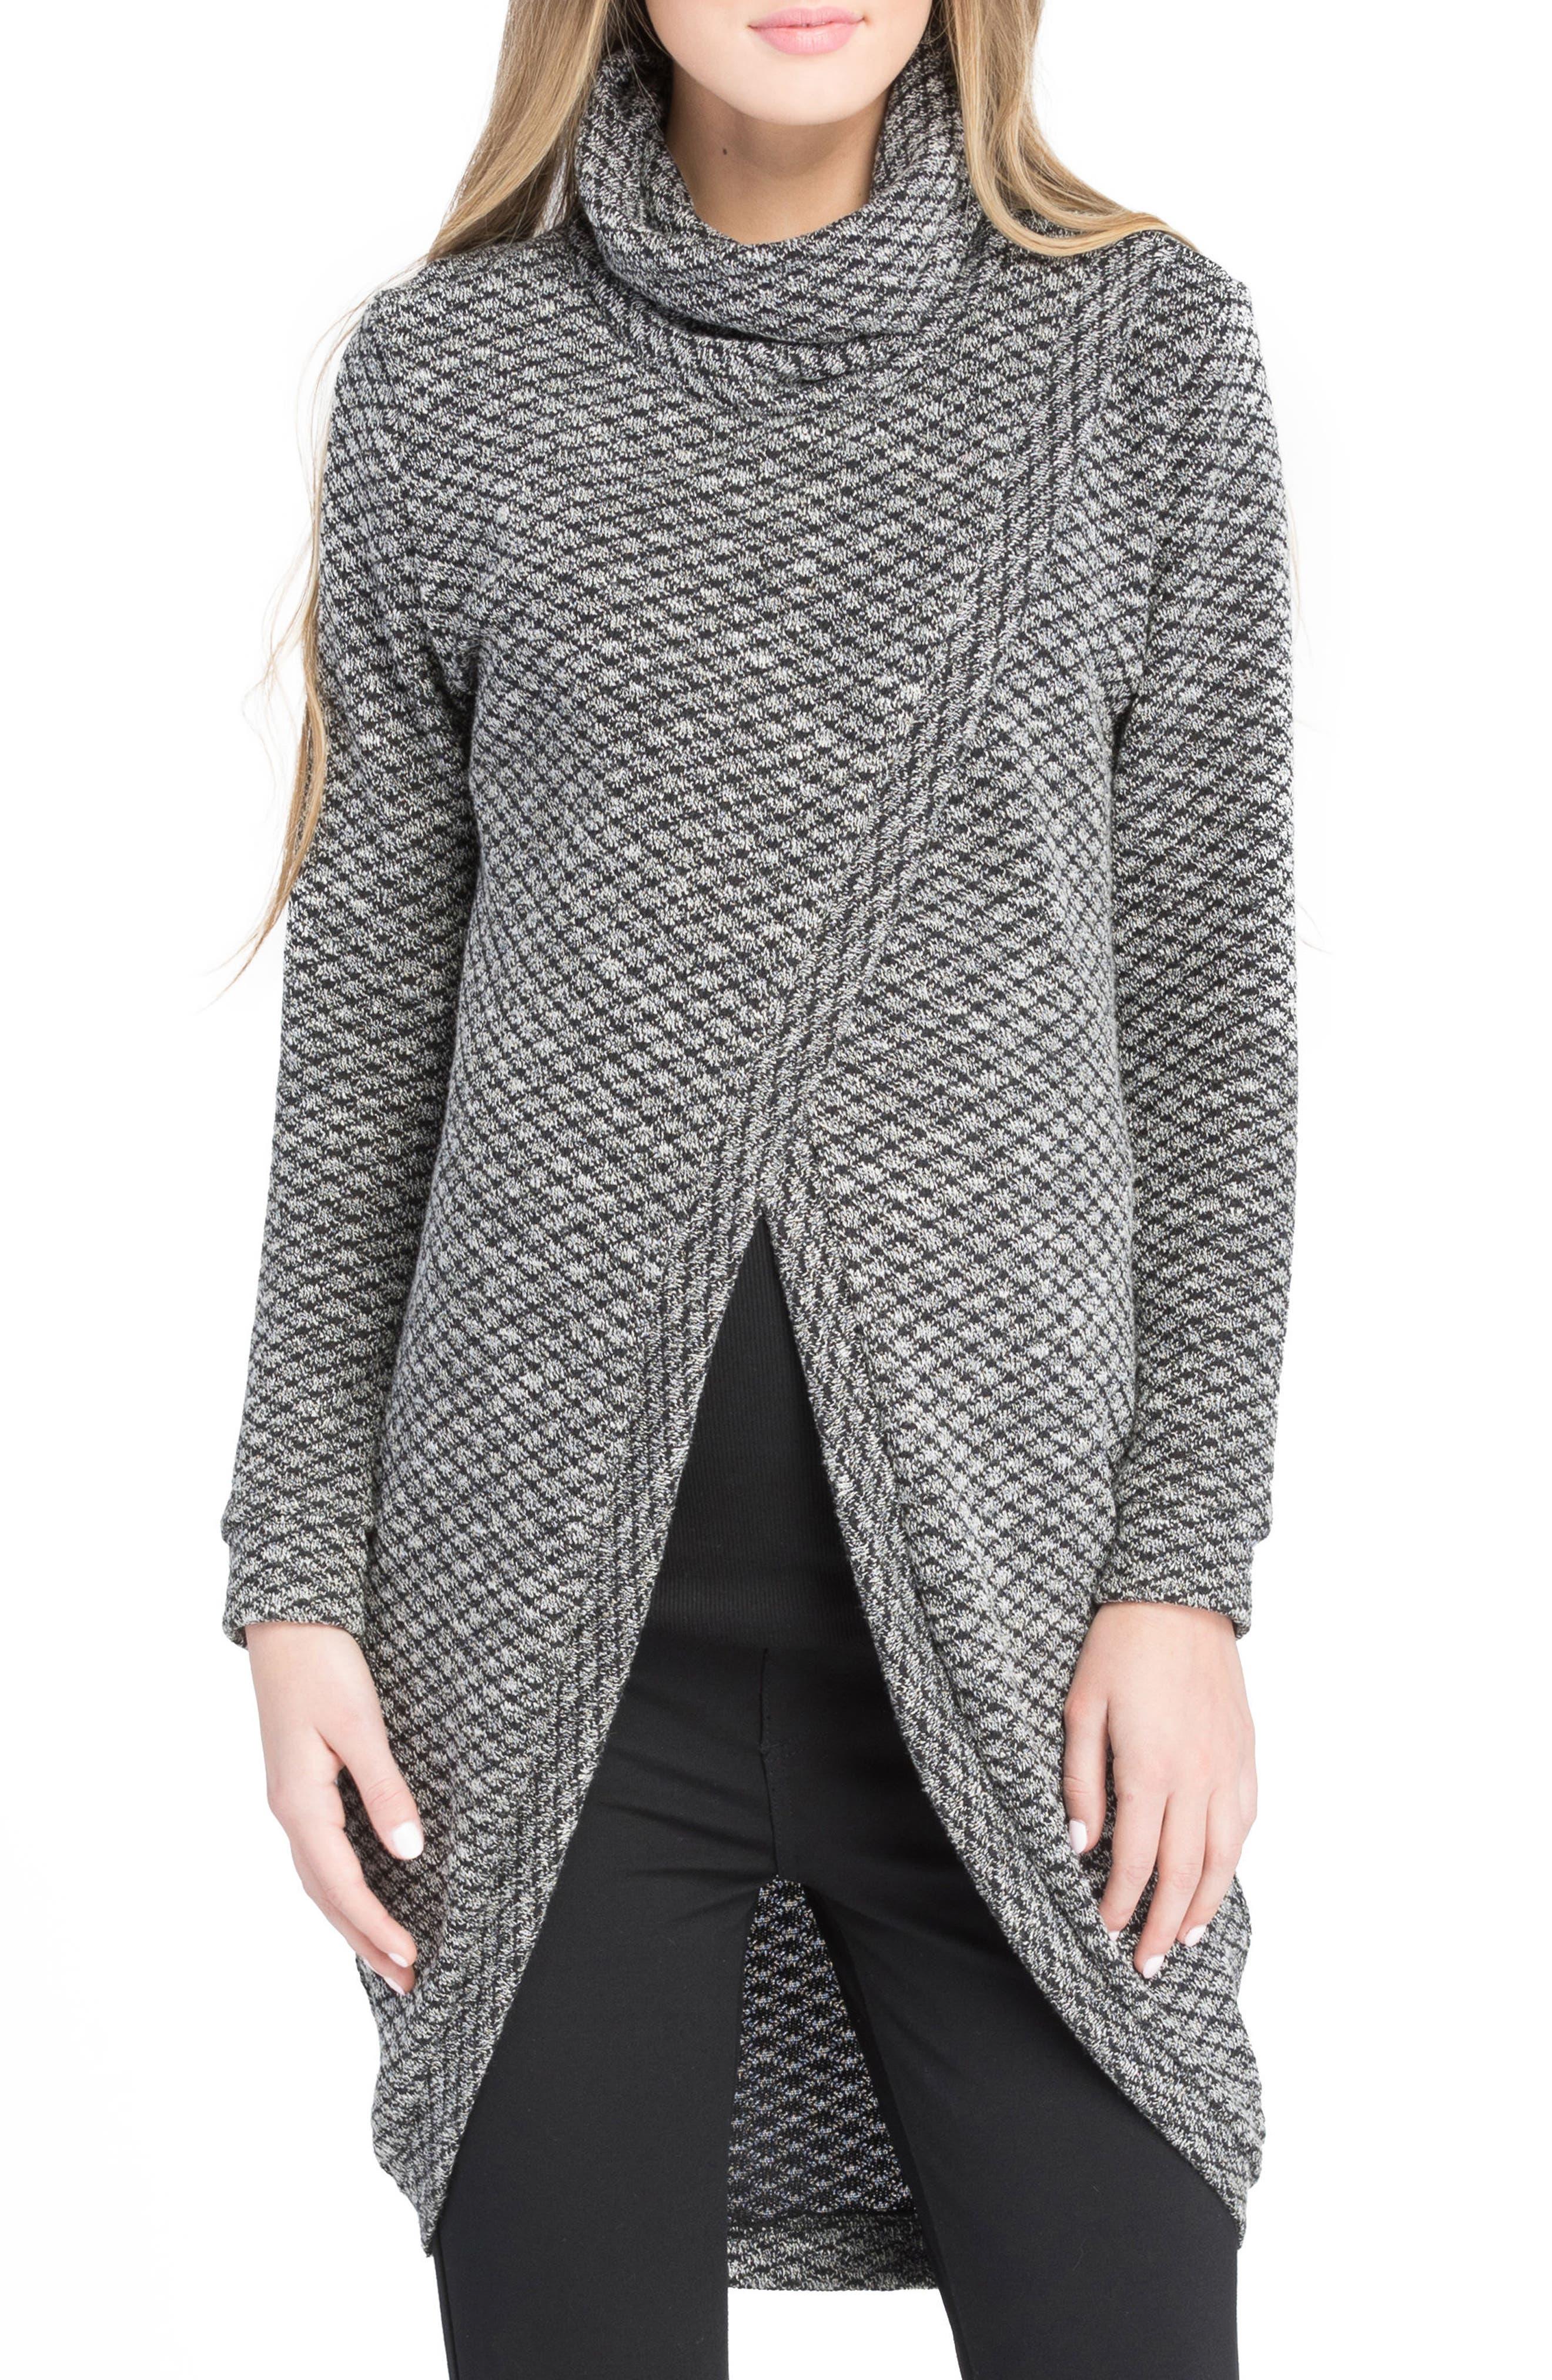 Nursing Tunic Sweater,                             Main thumbnail 1, color,                             Black